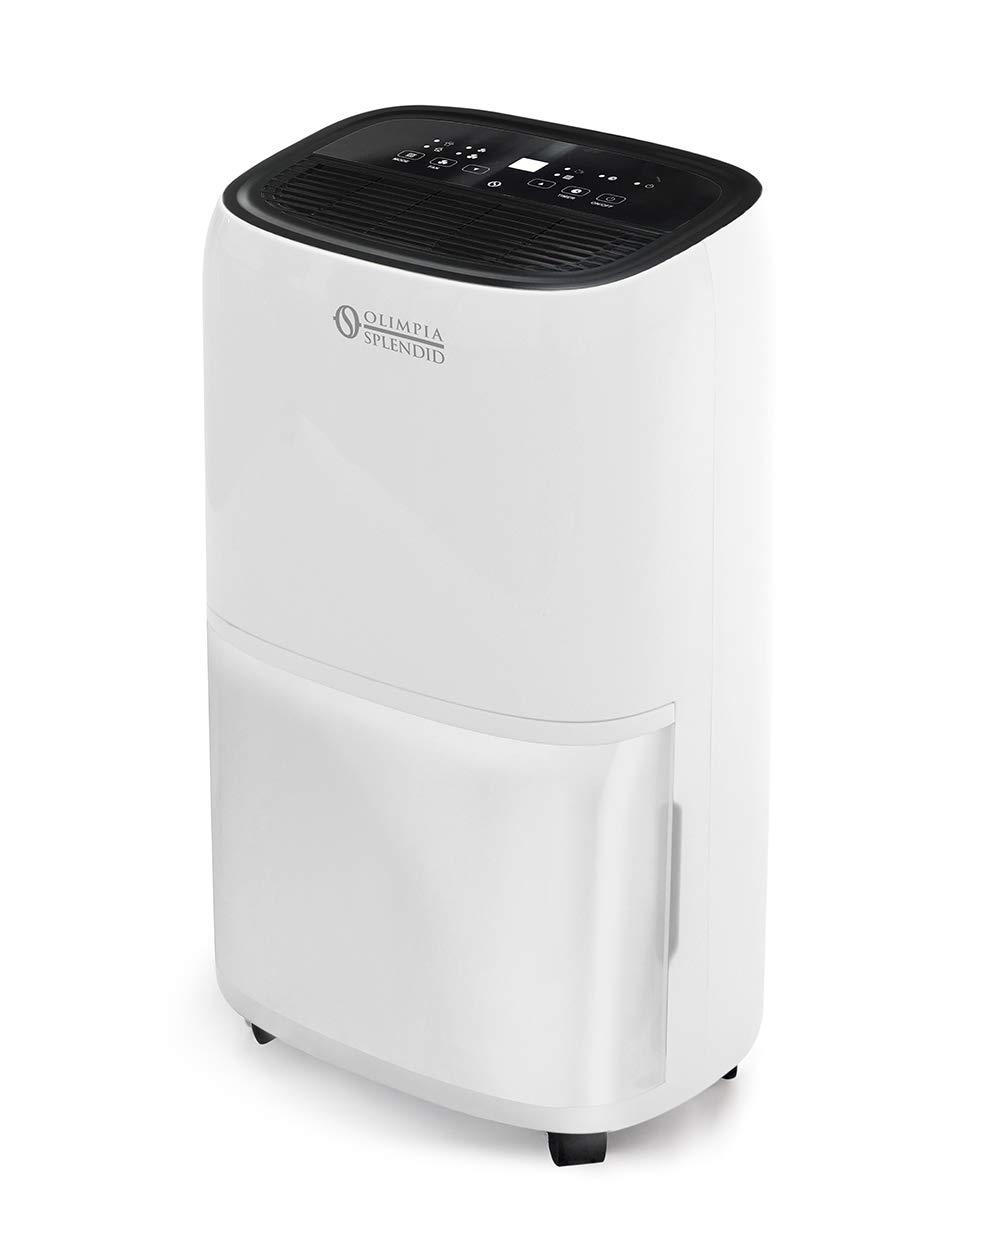 Bianco Gas Naturale R290 Olimpia Splendid 01970 Aquaria 22 P Deumidificatore 22 Litri al Giorno con Funzione Asciugabucato e Pure System